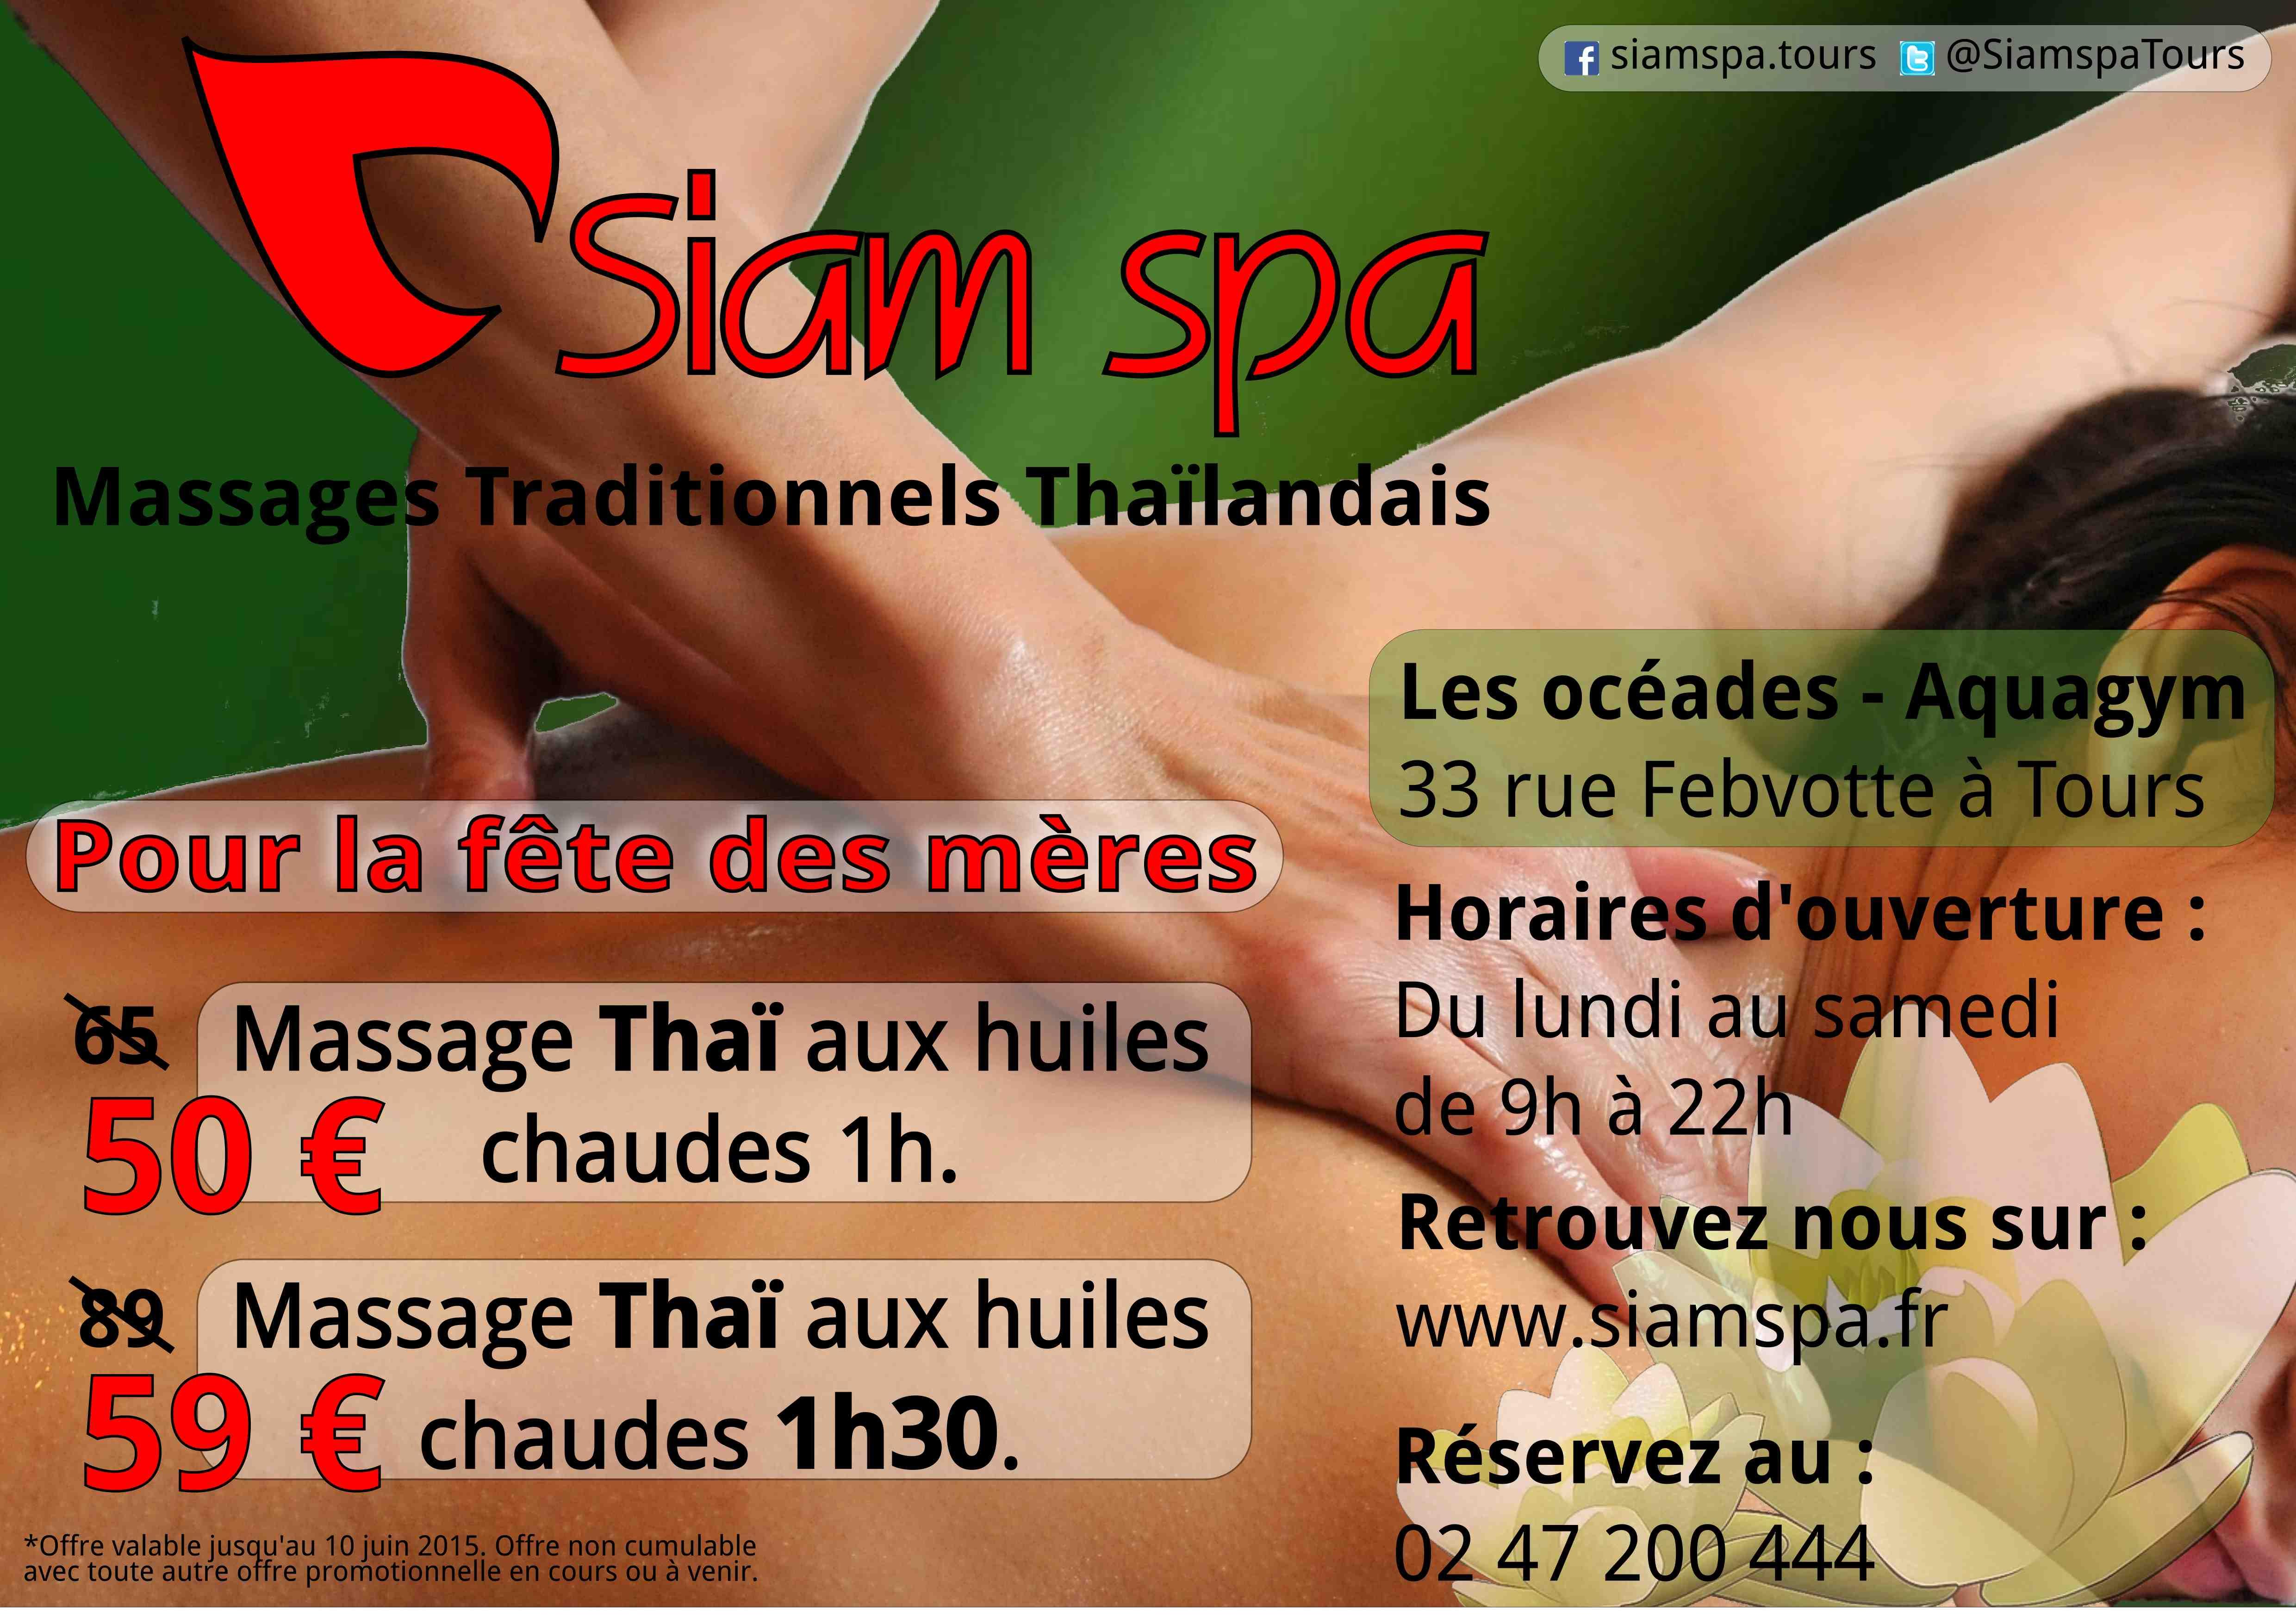 Promotion massage Thai aux huiles chaudes pour la fête des mères 2015